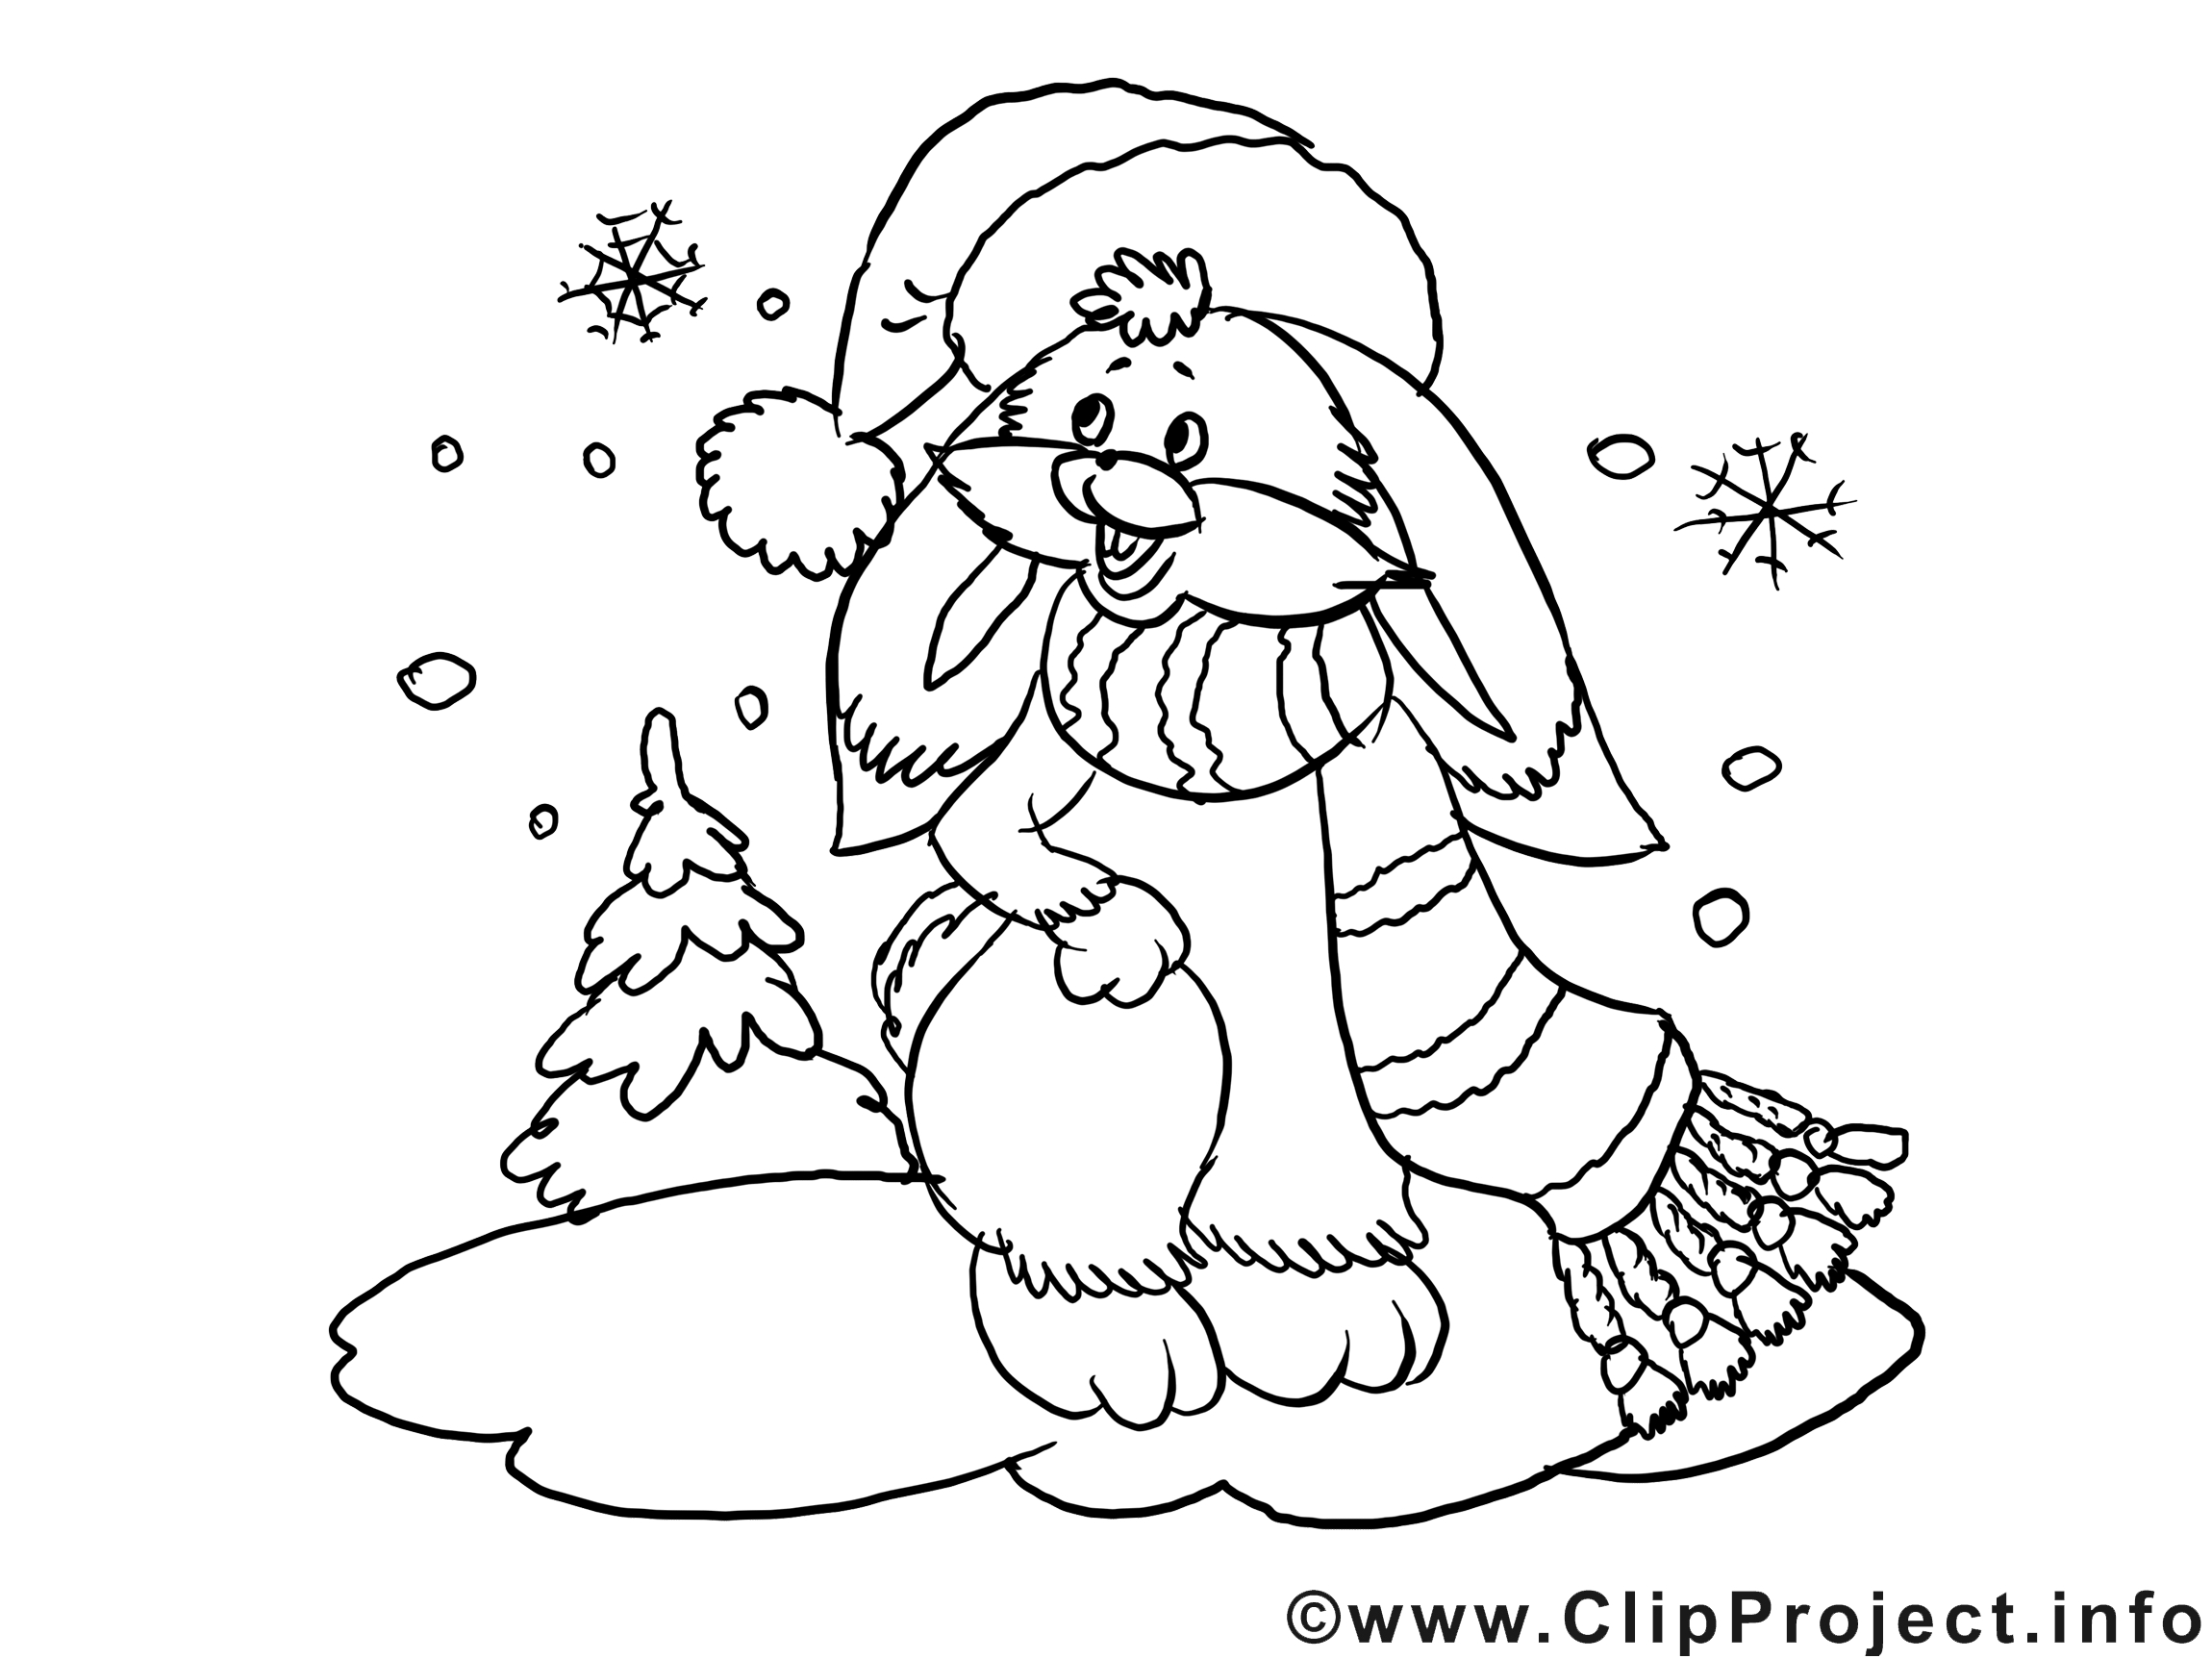 Malvorlagen Gratis Winter | Coloring And Malvorlagan verwandt mit Winterbilder Zum Ausdrucken